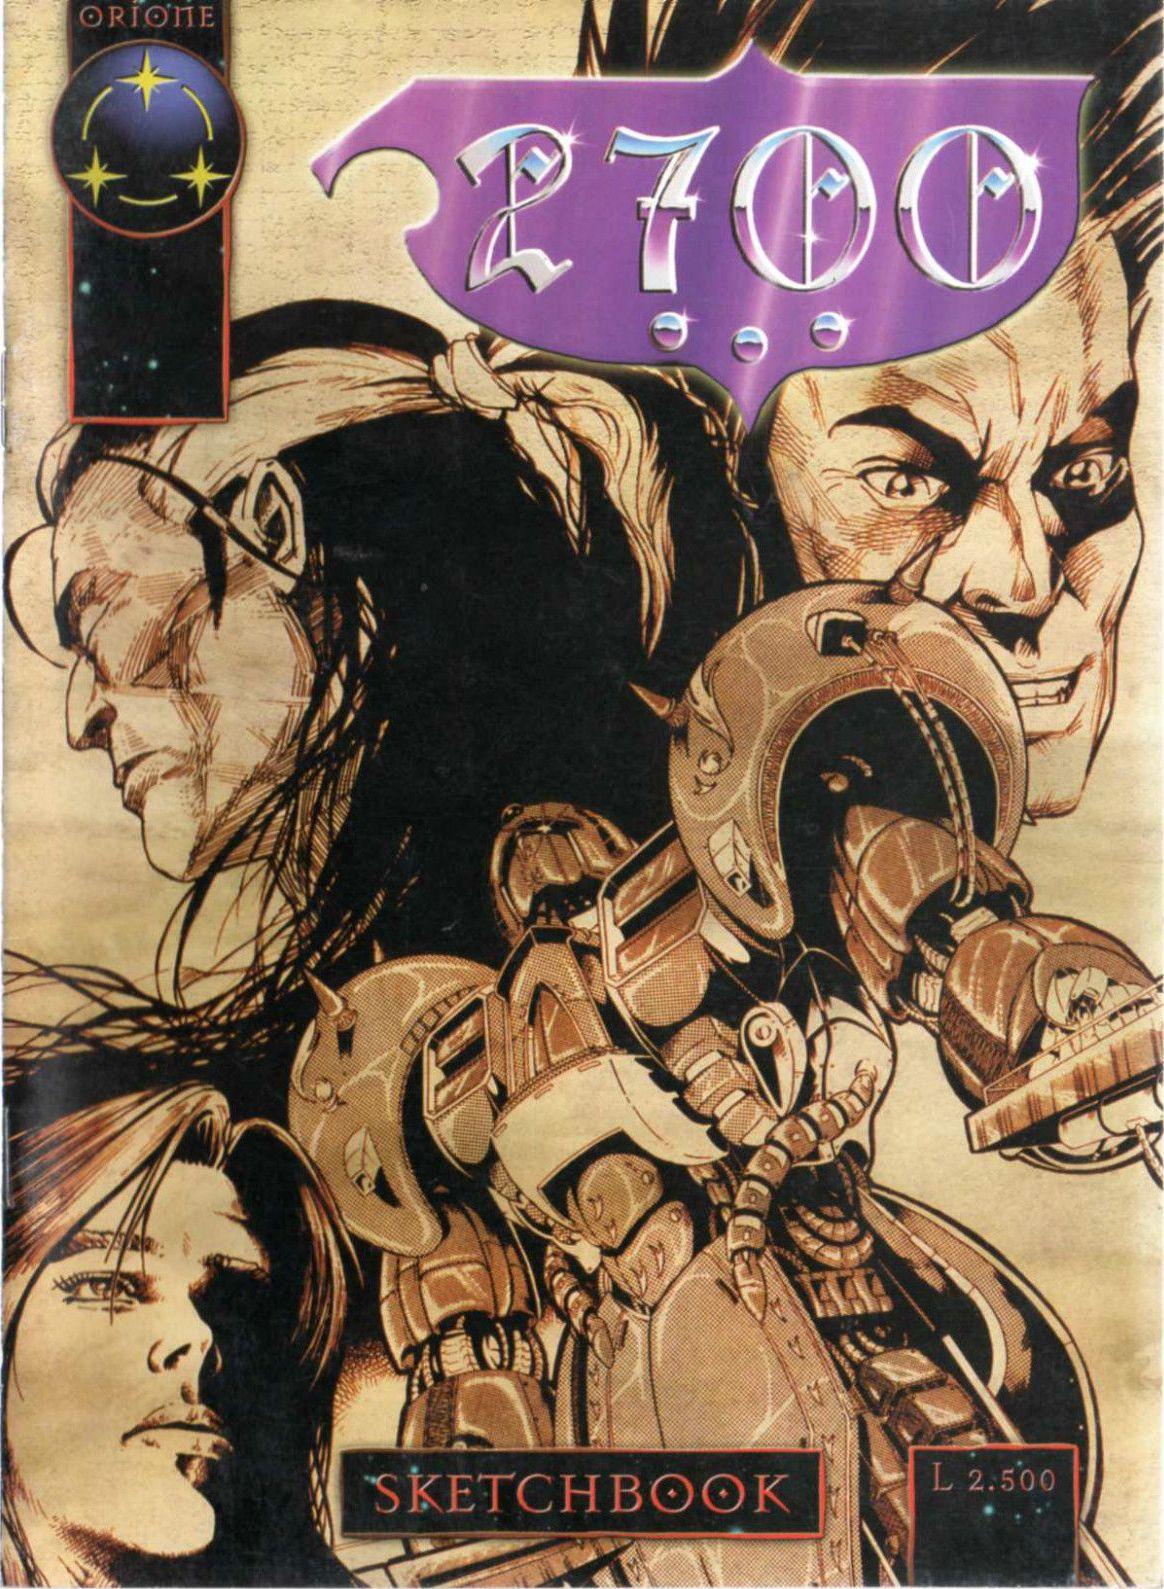 2700 Sketchbook Vol 1 1